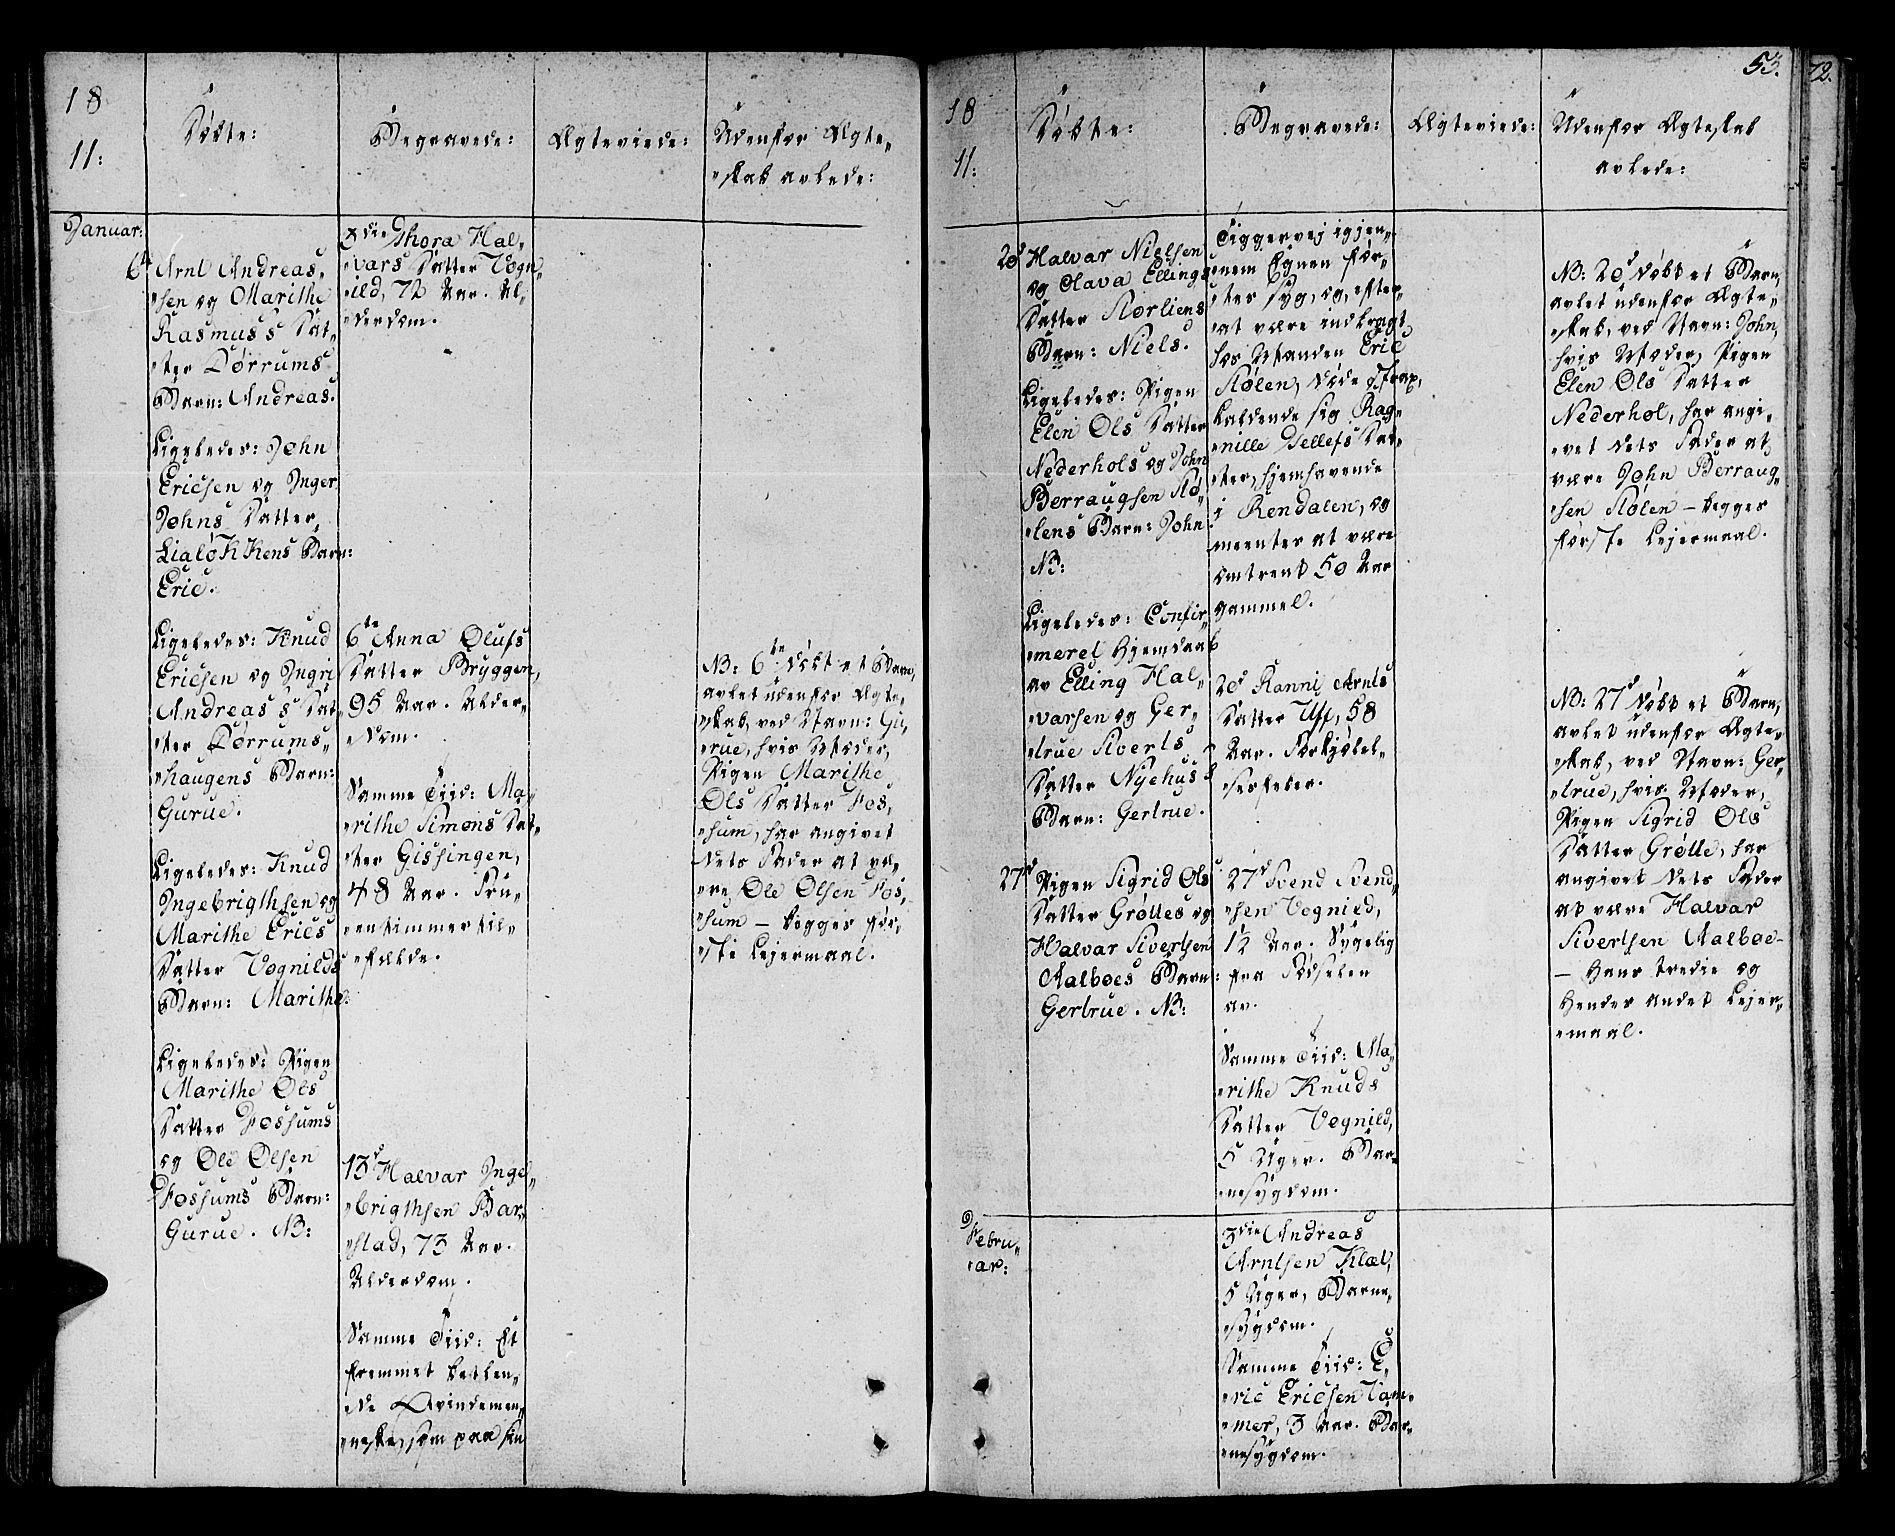 SAT, Ministerialprotokoller, klokkerbøker og fødselsregistre - Sør-Trøndelag, 678/L0894: Ministerialbok nr. 678A04, 1806-1815, s. 53